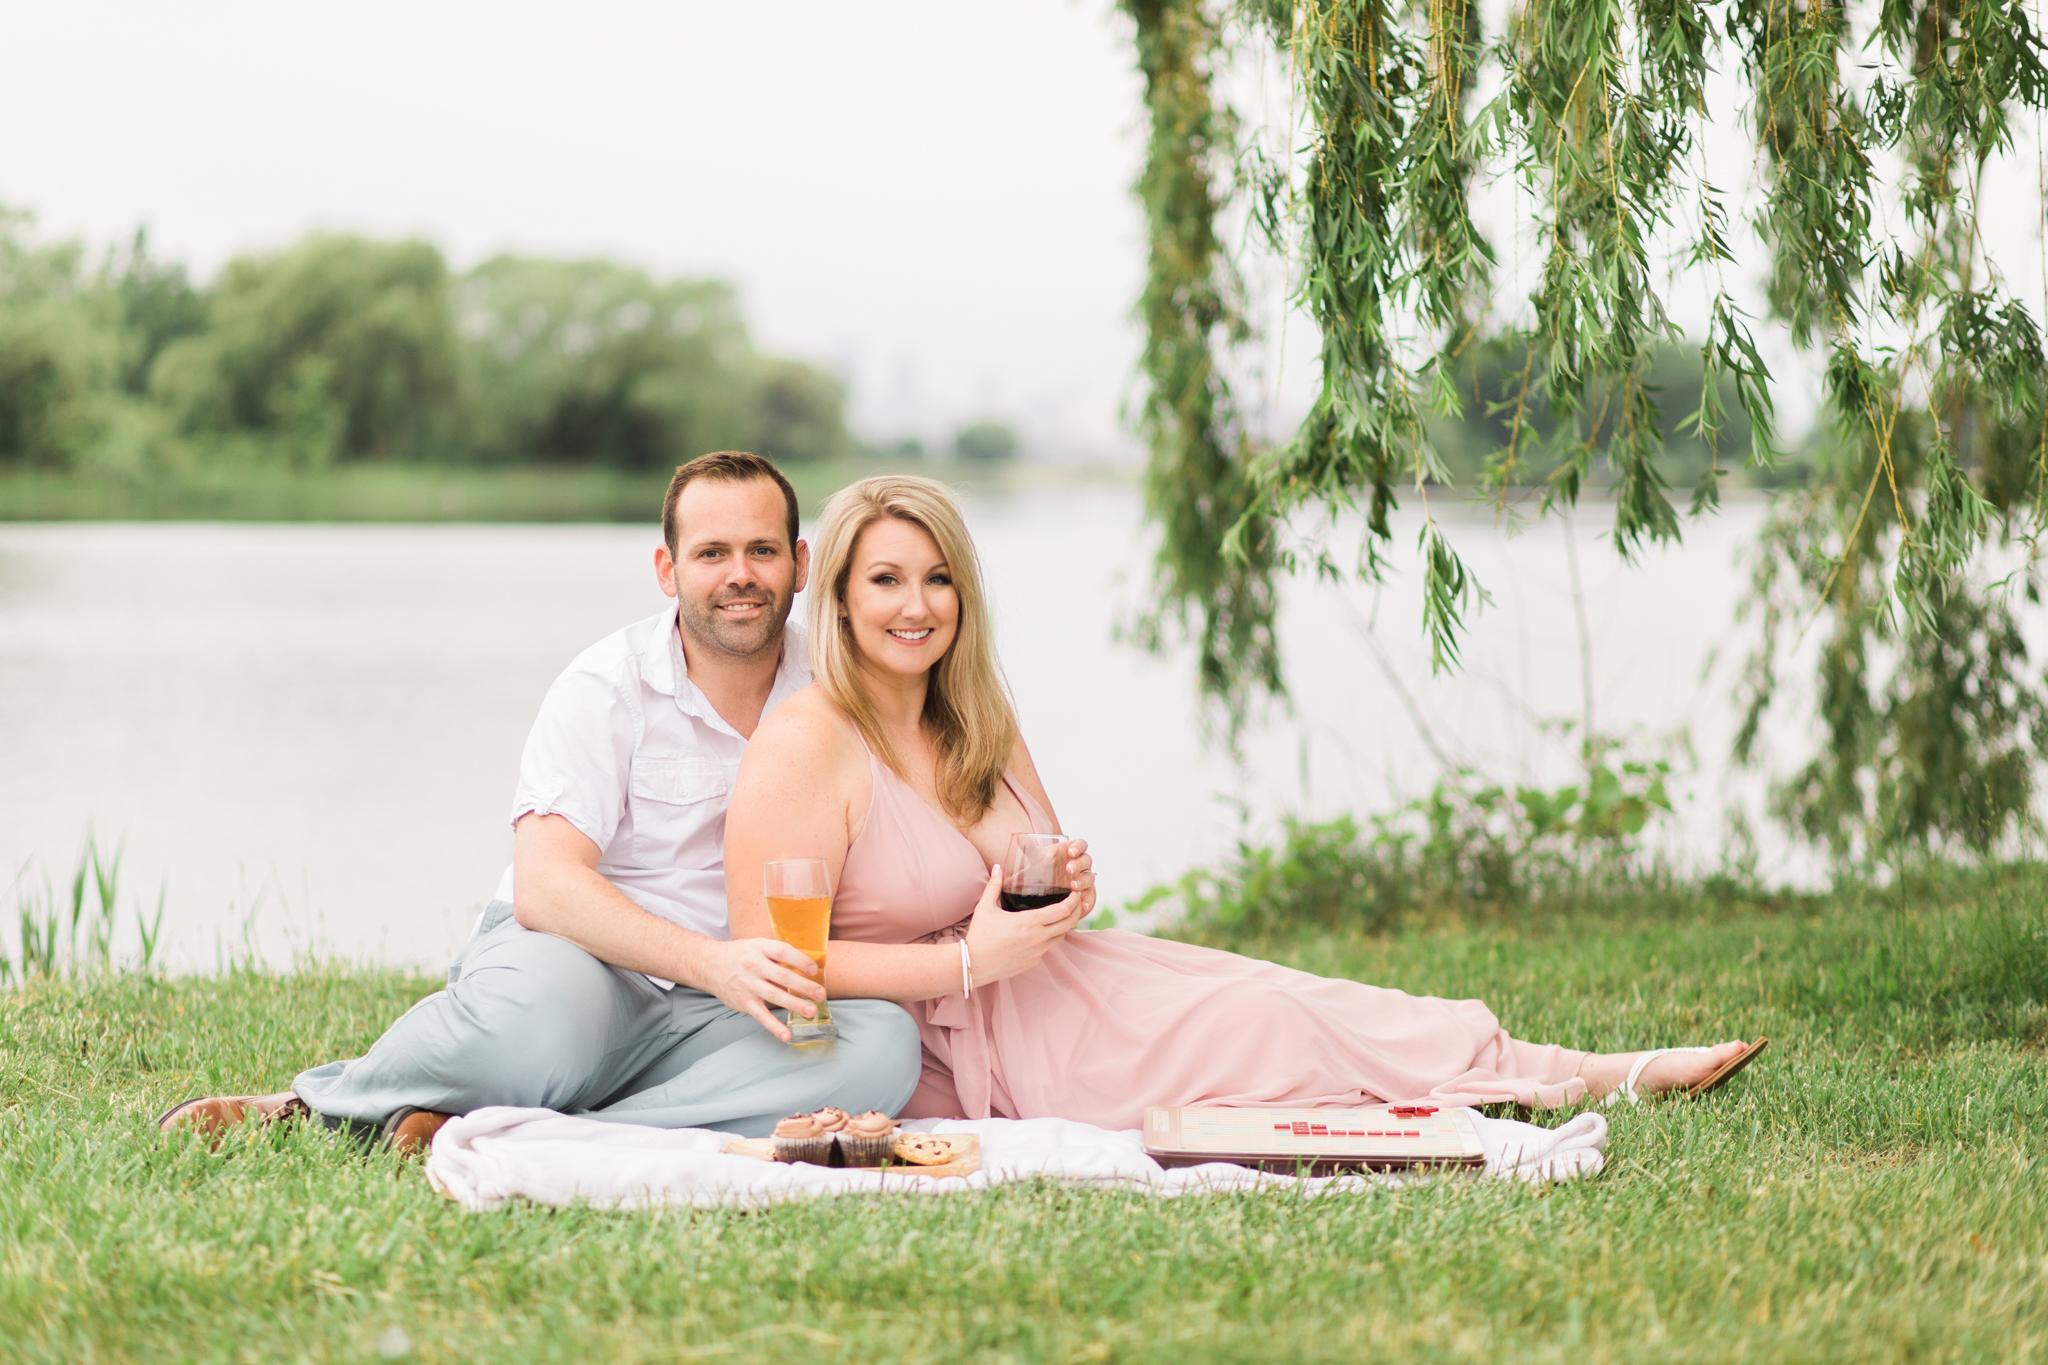 detroit belle isle engagement photos session